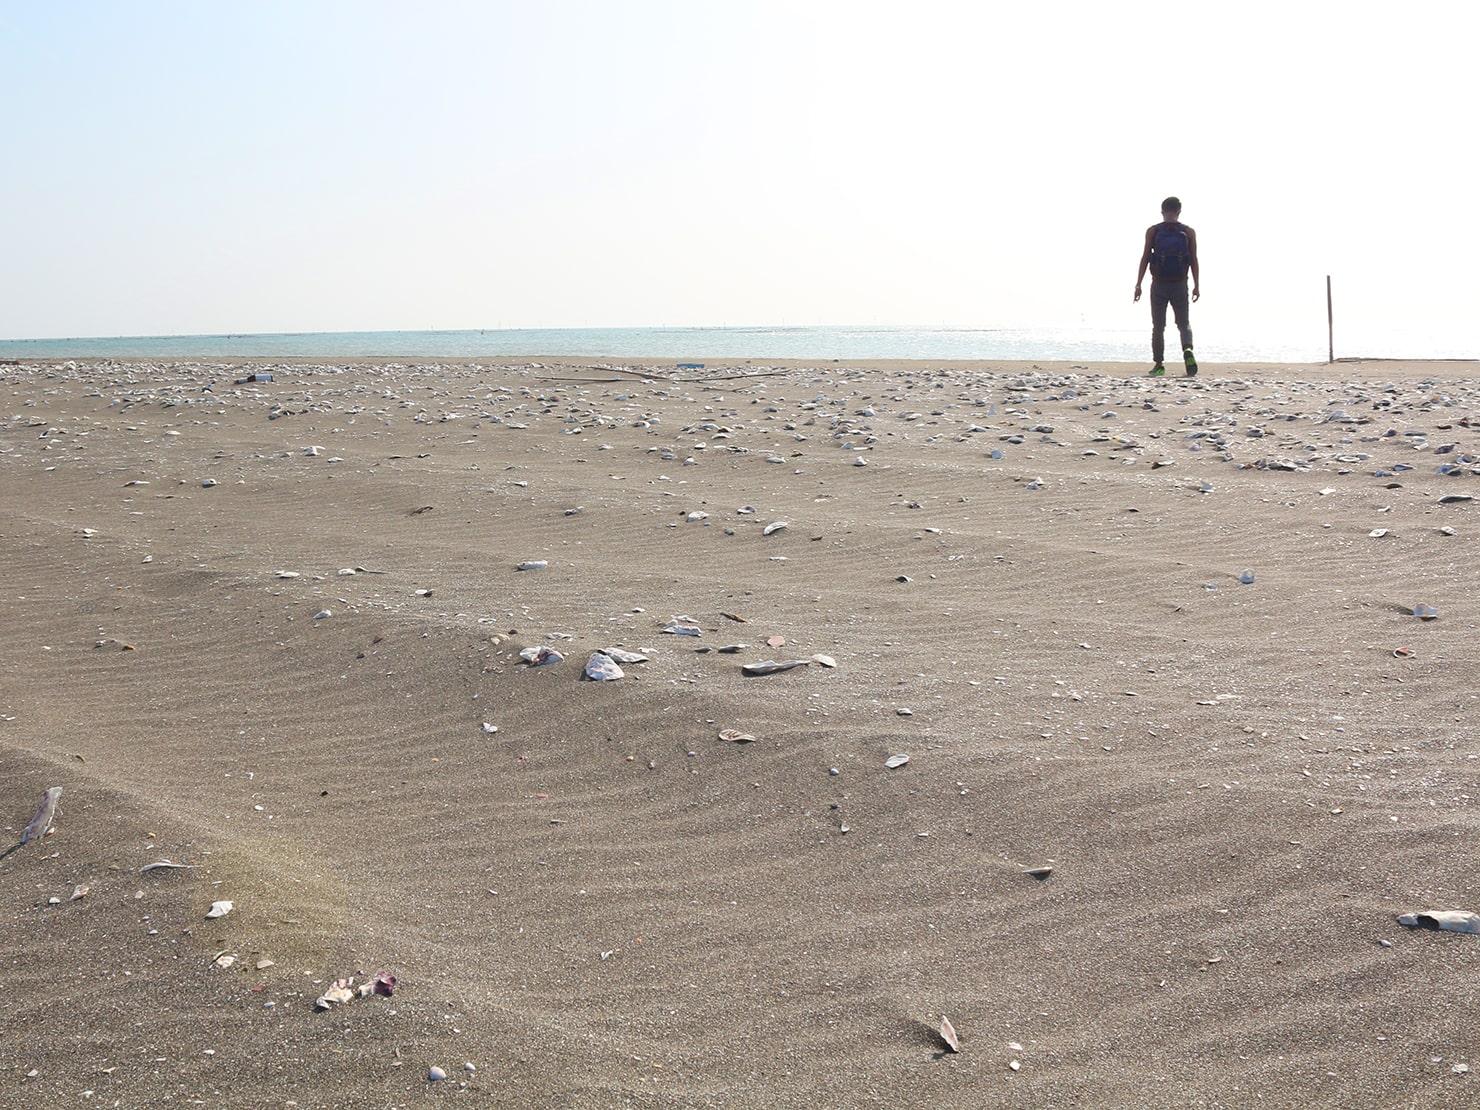 台南市街郊外のおすすめ観光スポット「台江國家公園」の砂浜